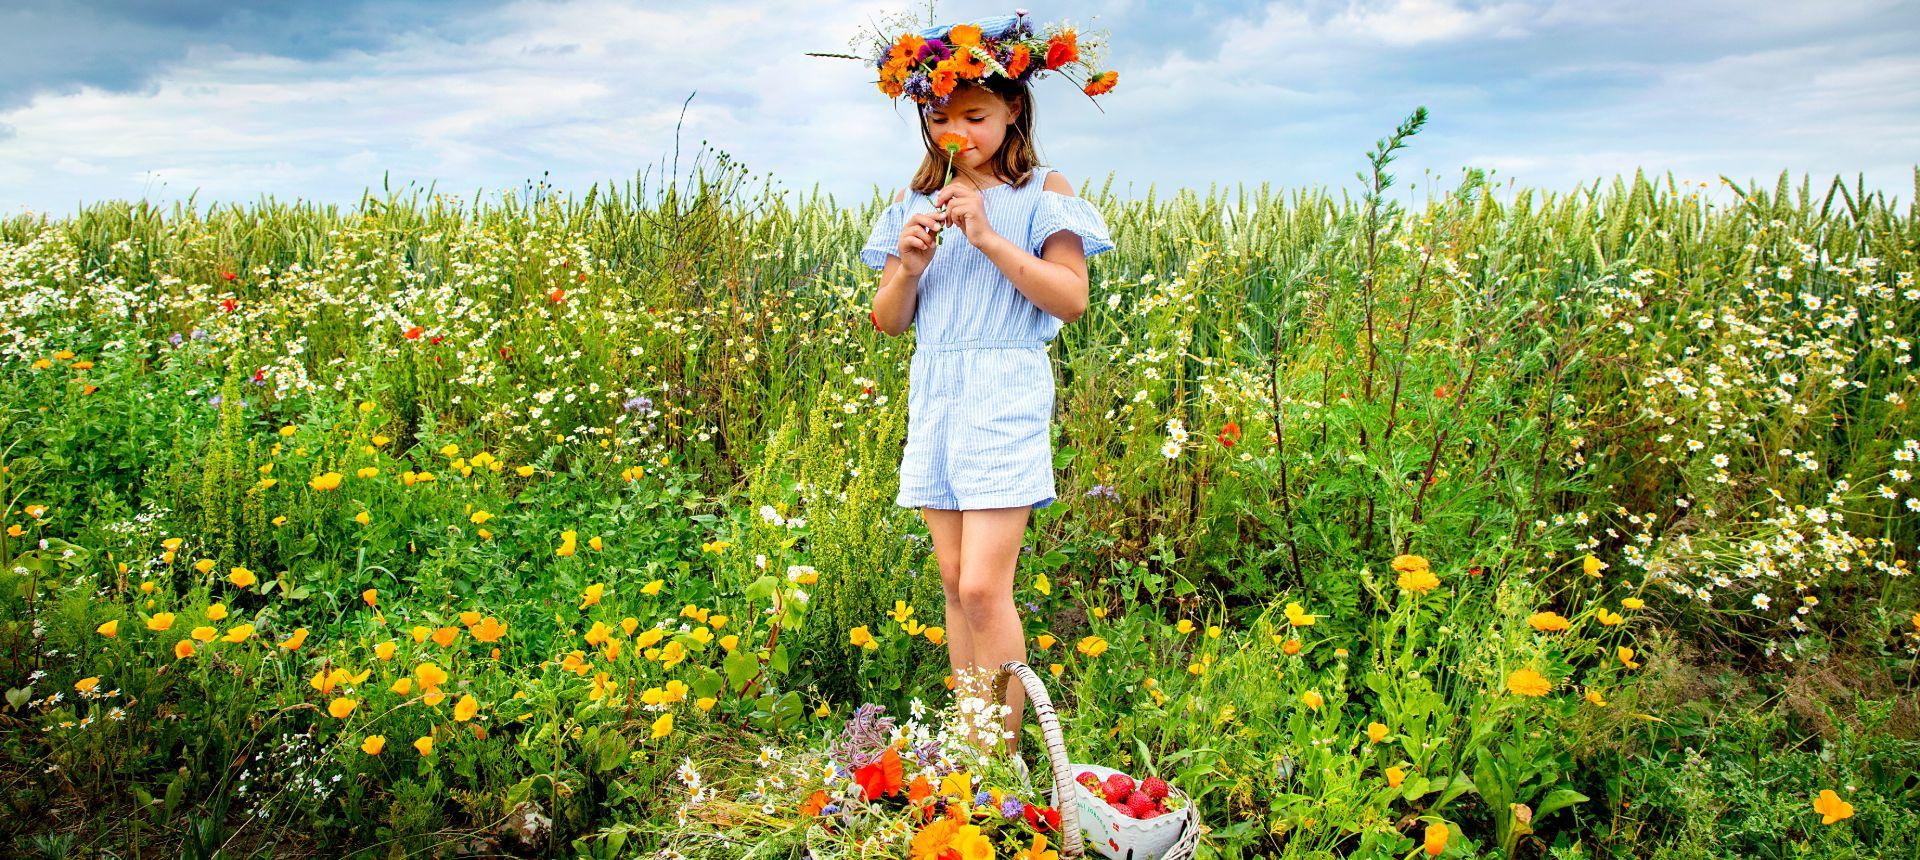 pige med blomster på mark